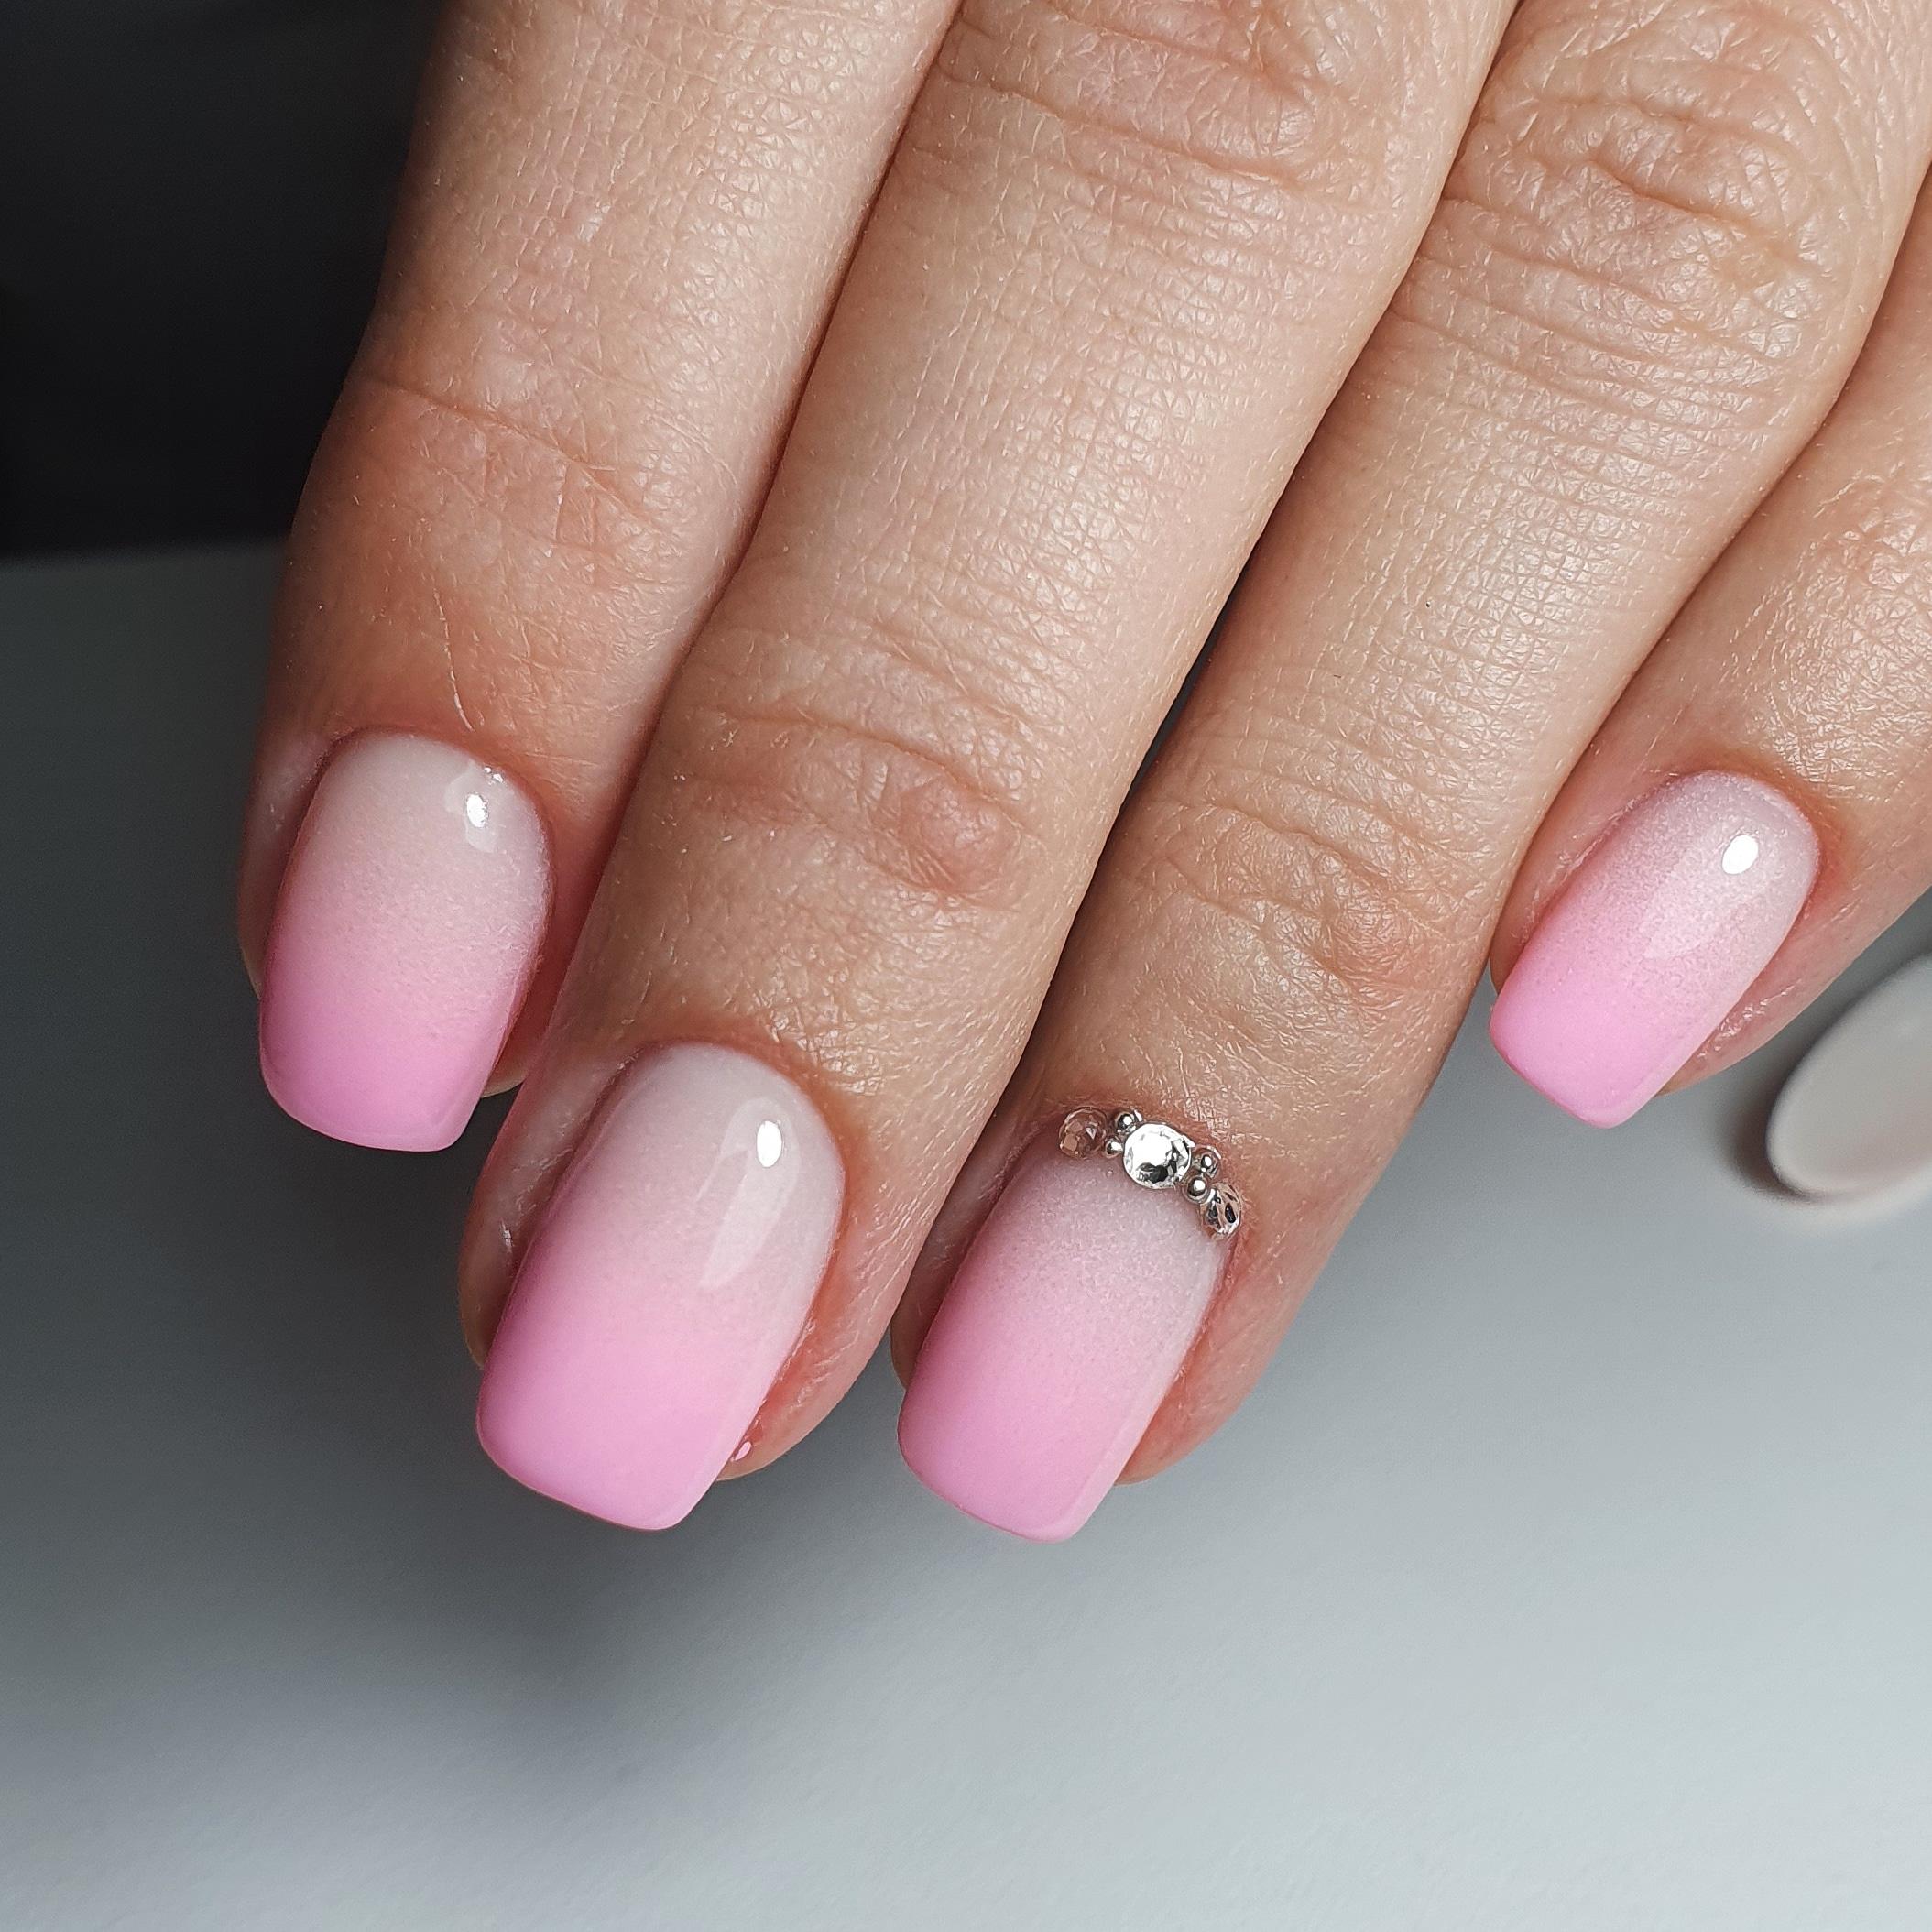 Маникюр с градиентом и стразами в розовом цвете на короткие ногти.